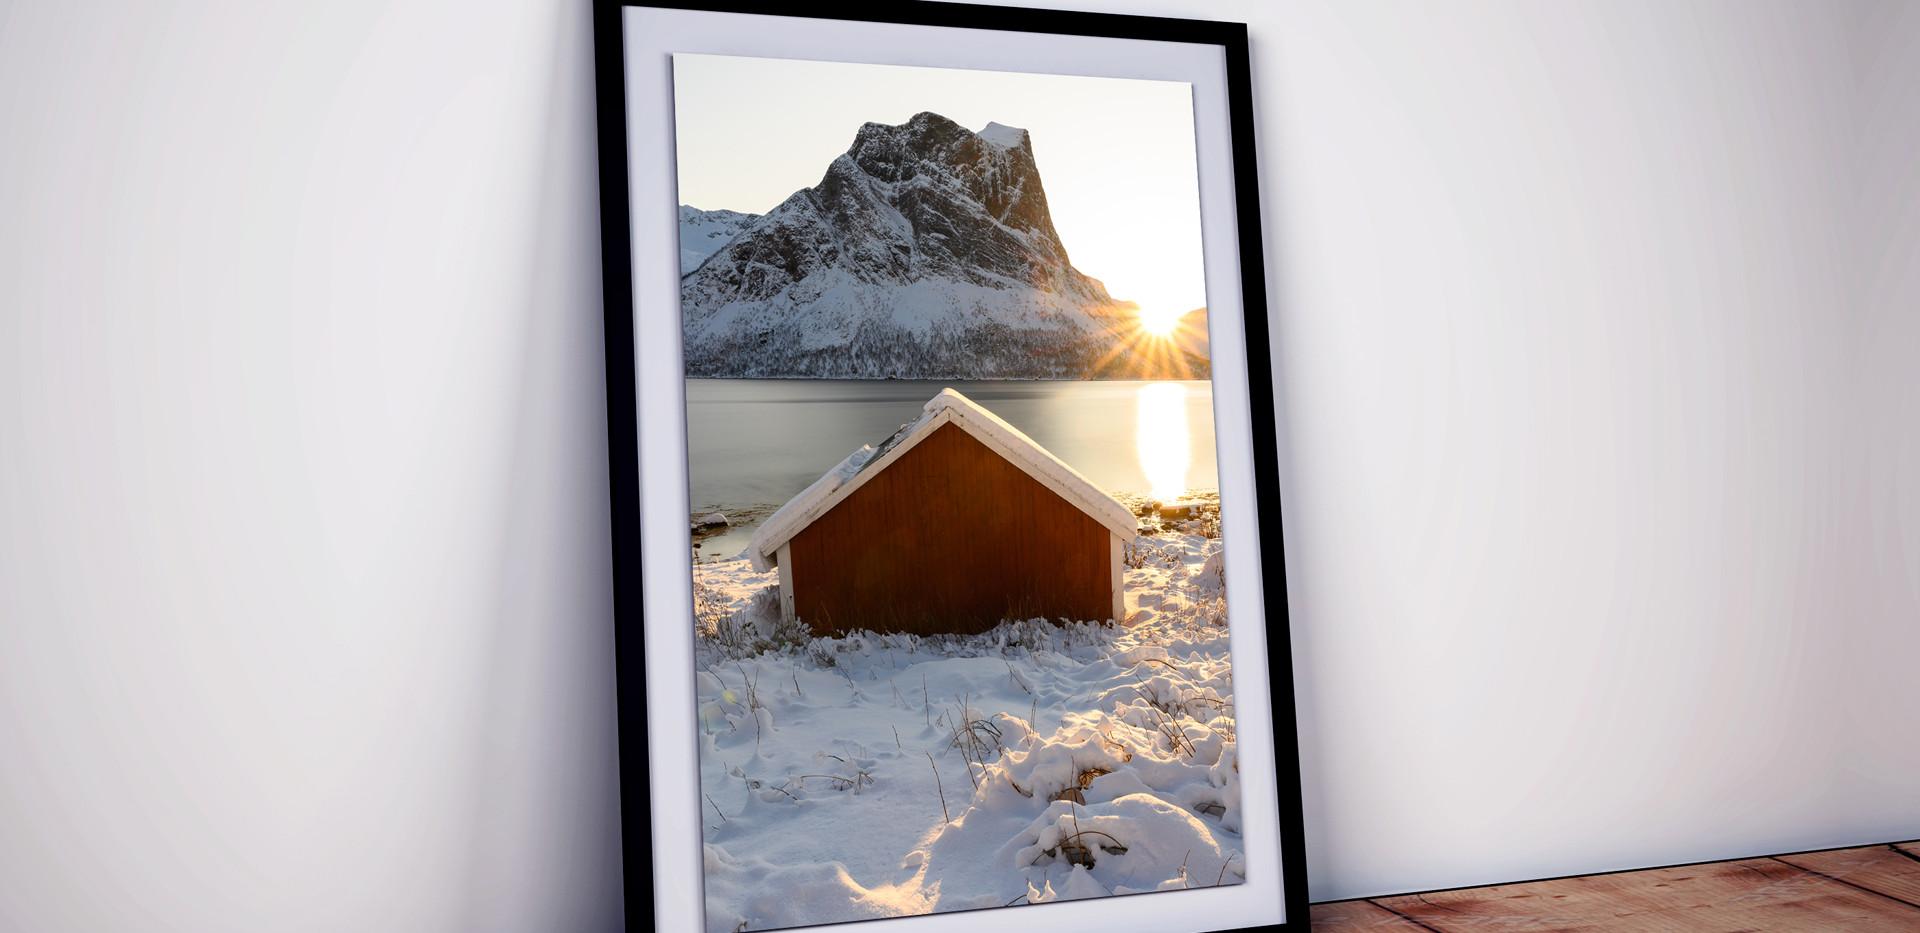 sonnenstern-fjord-hütte-sonne-norwegen-